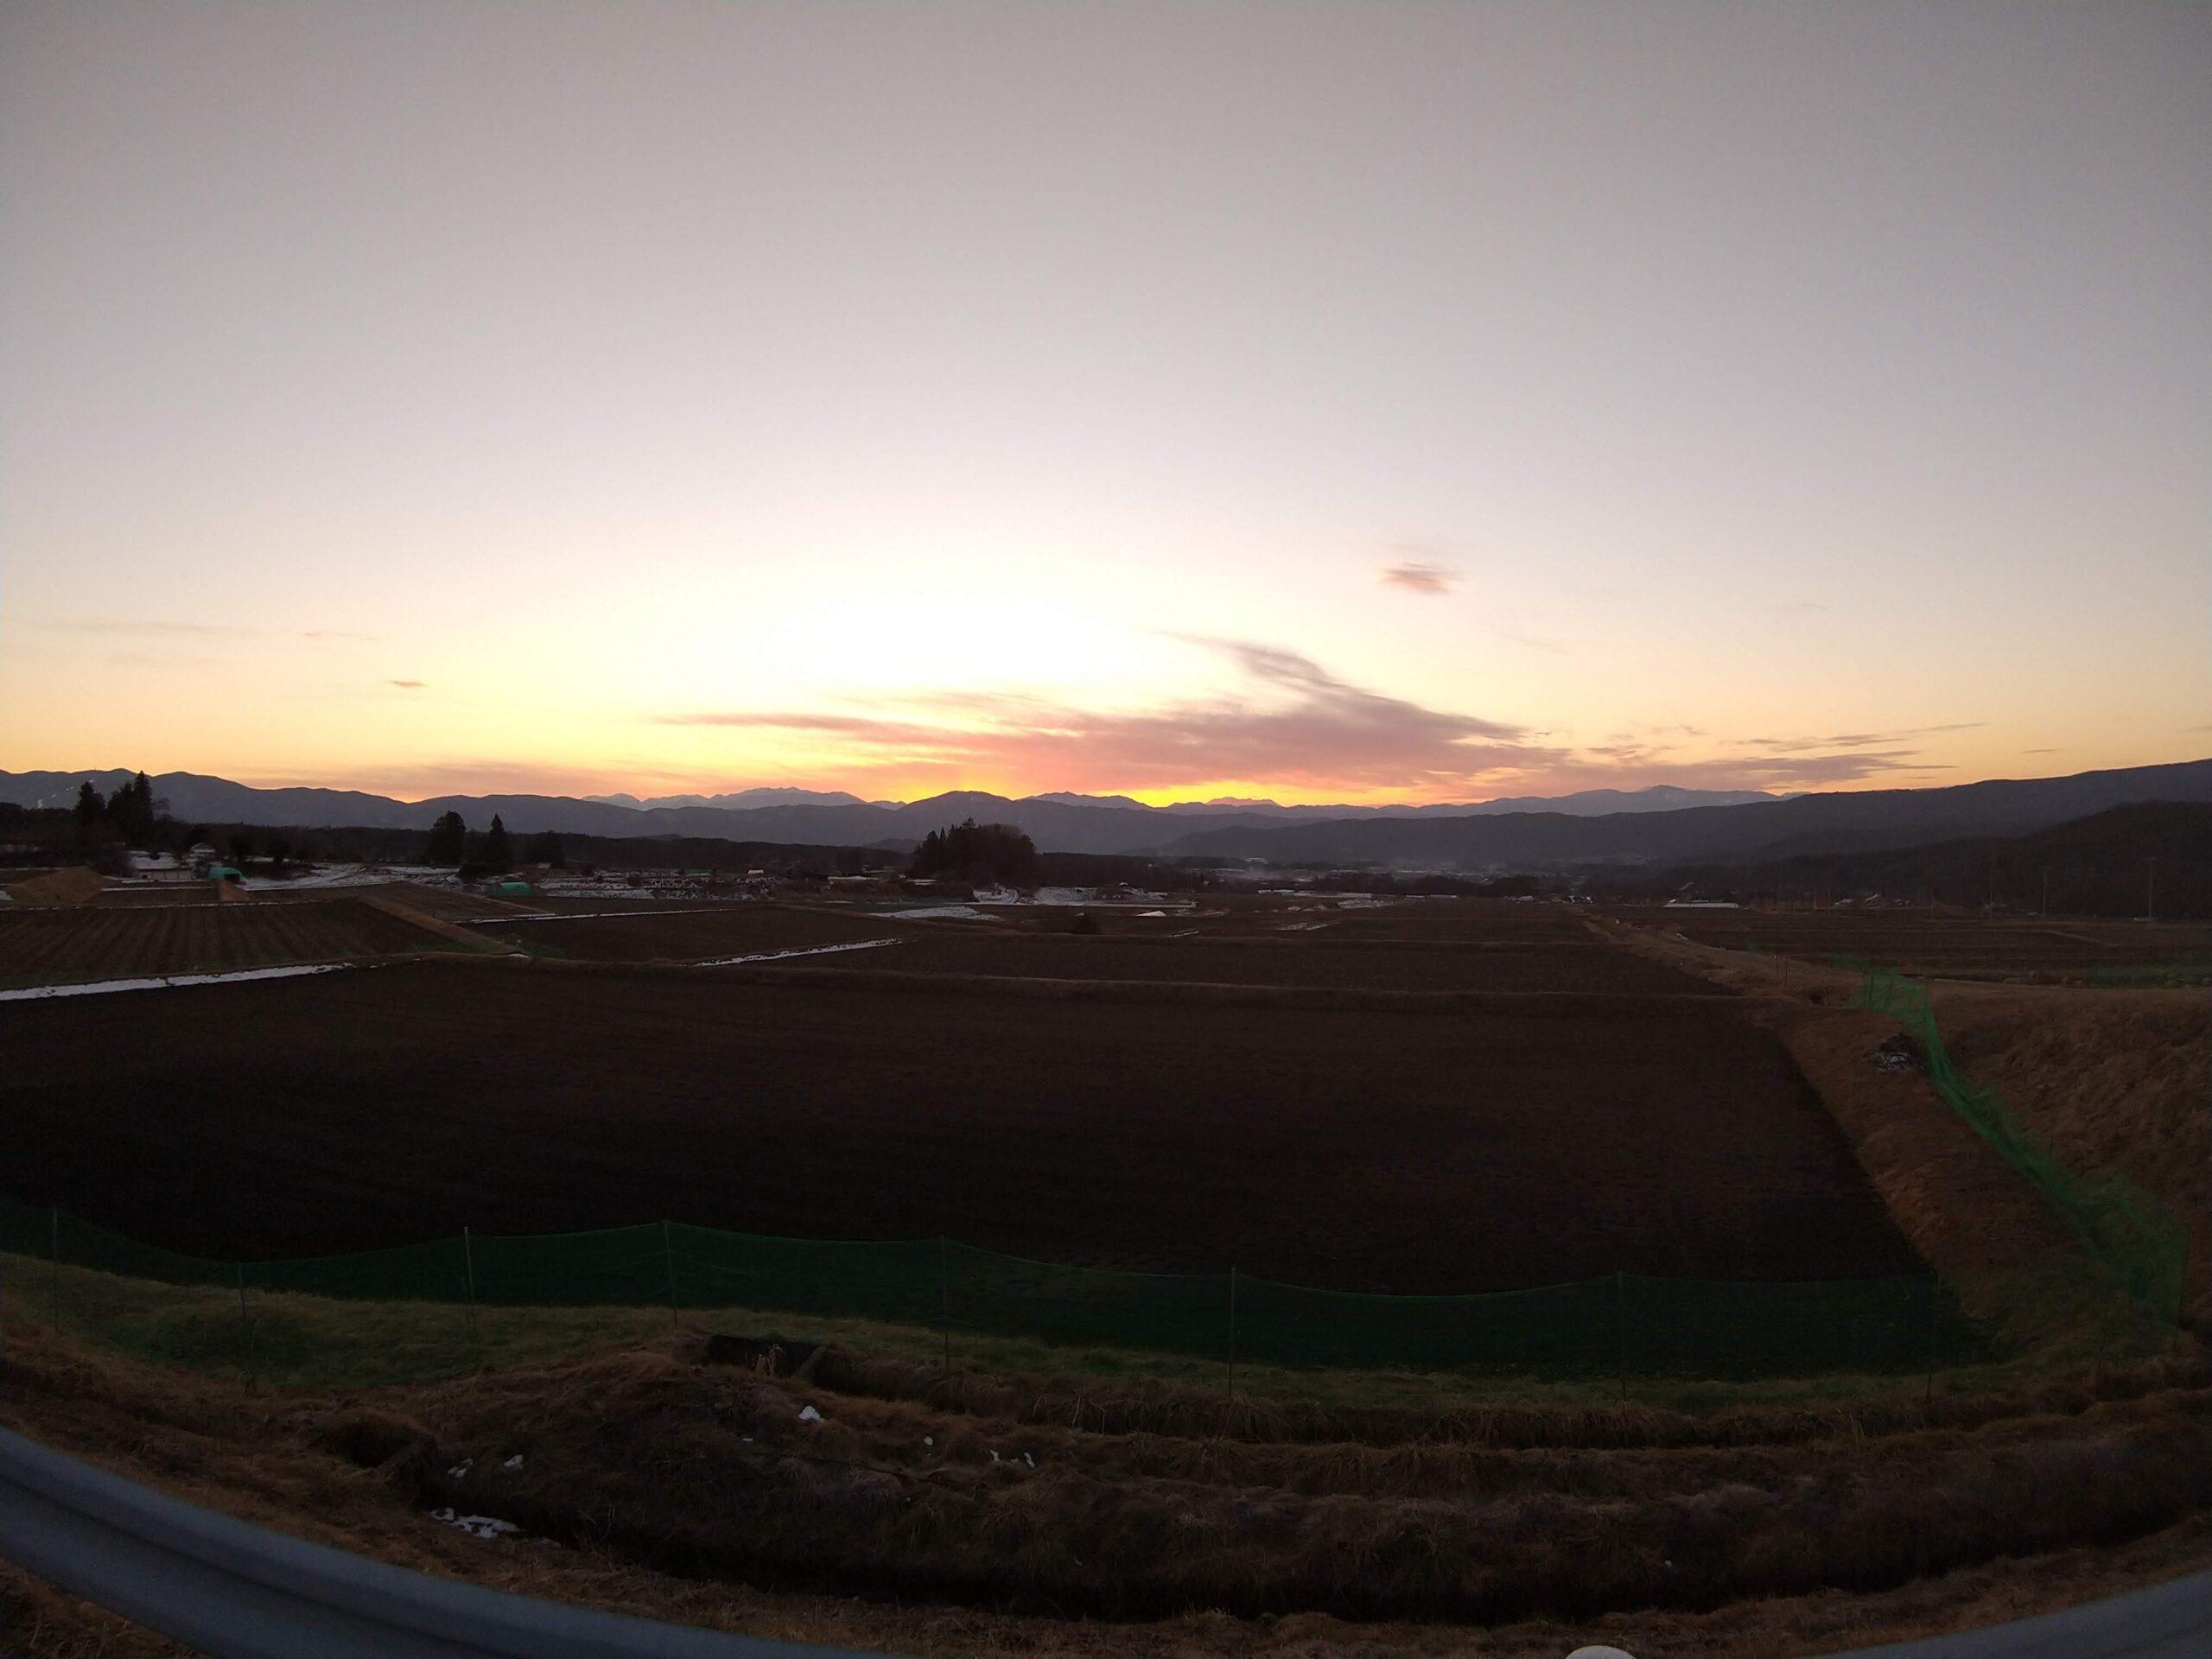 御嶽山に夕日が沈む